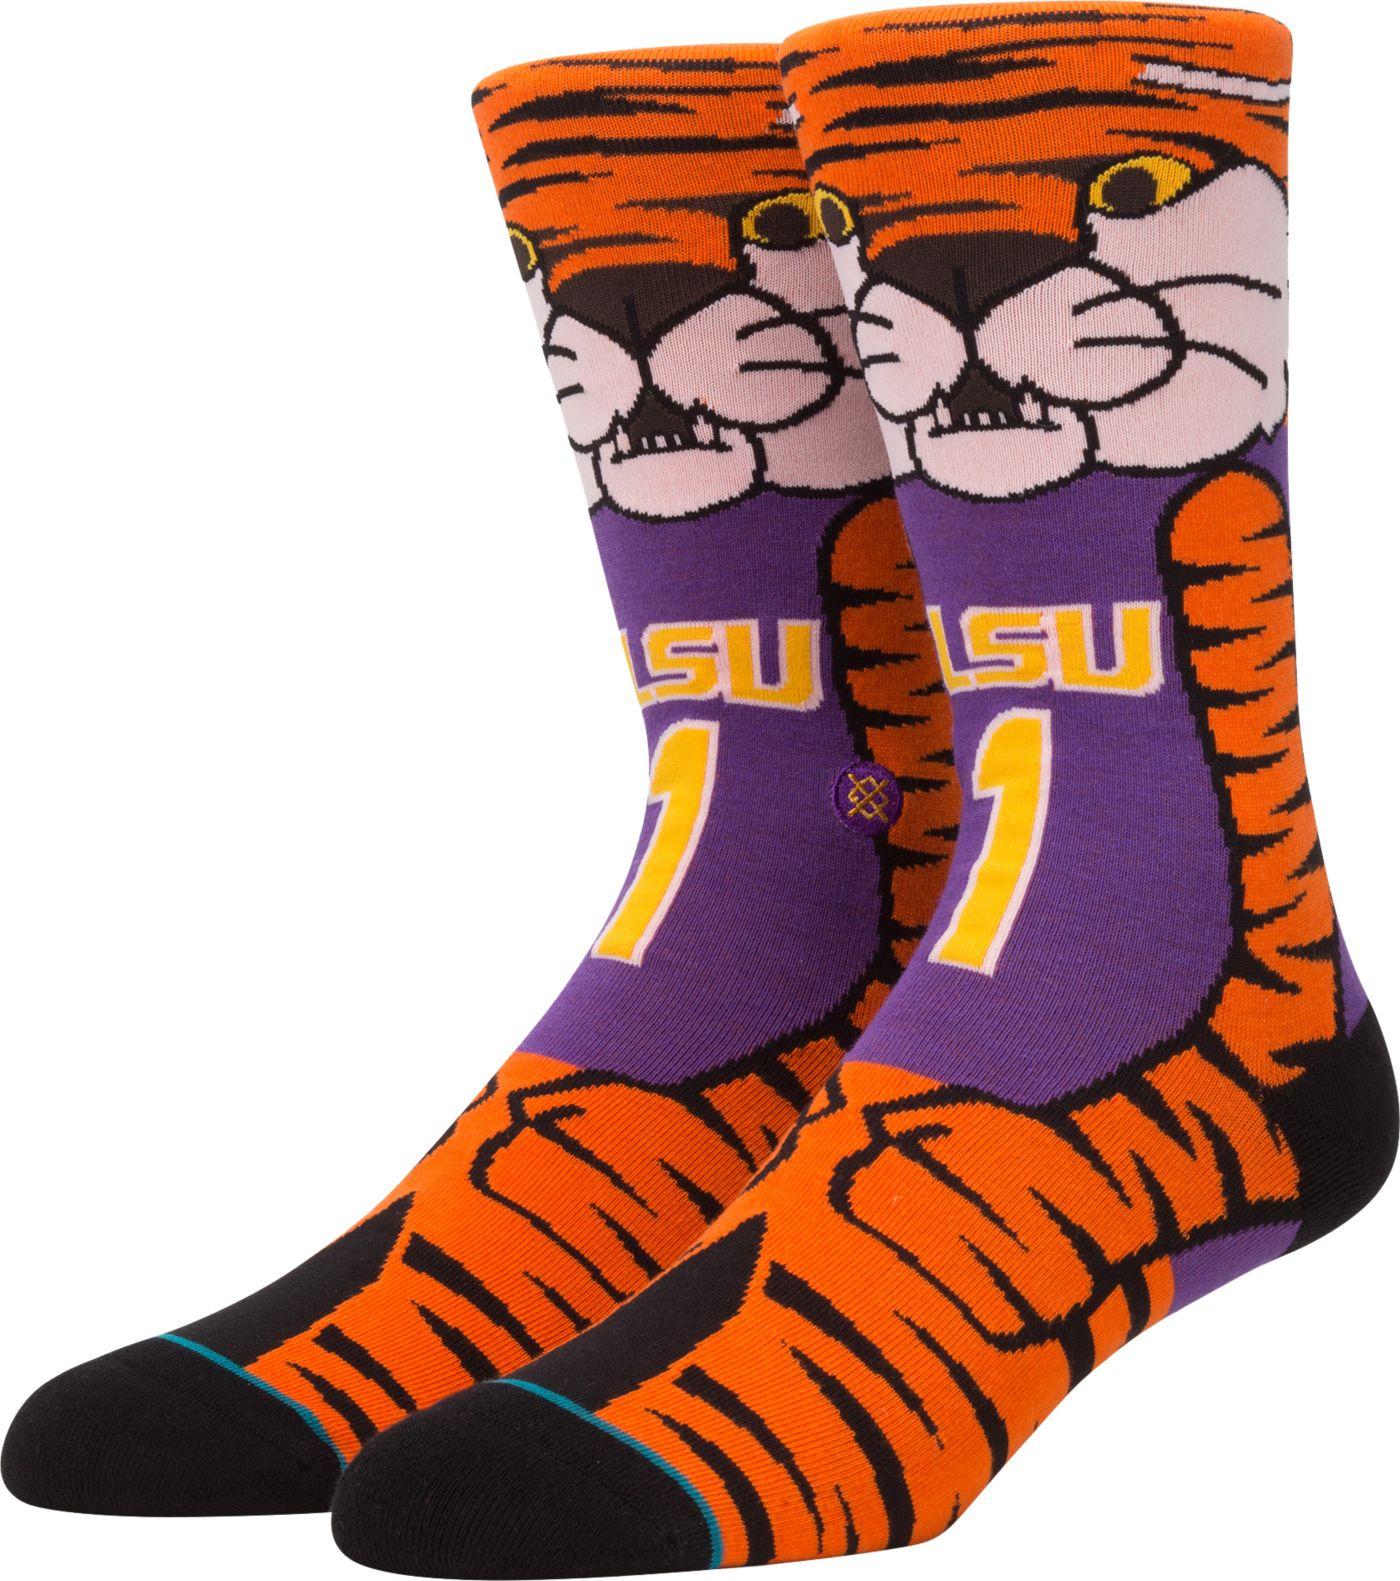 Stance Men's LSU Tigers Mascot Socks